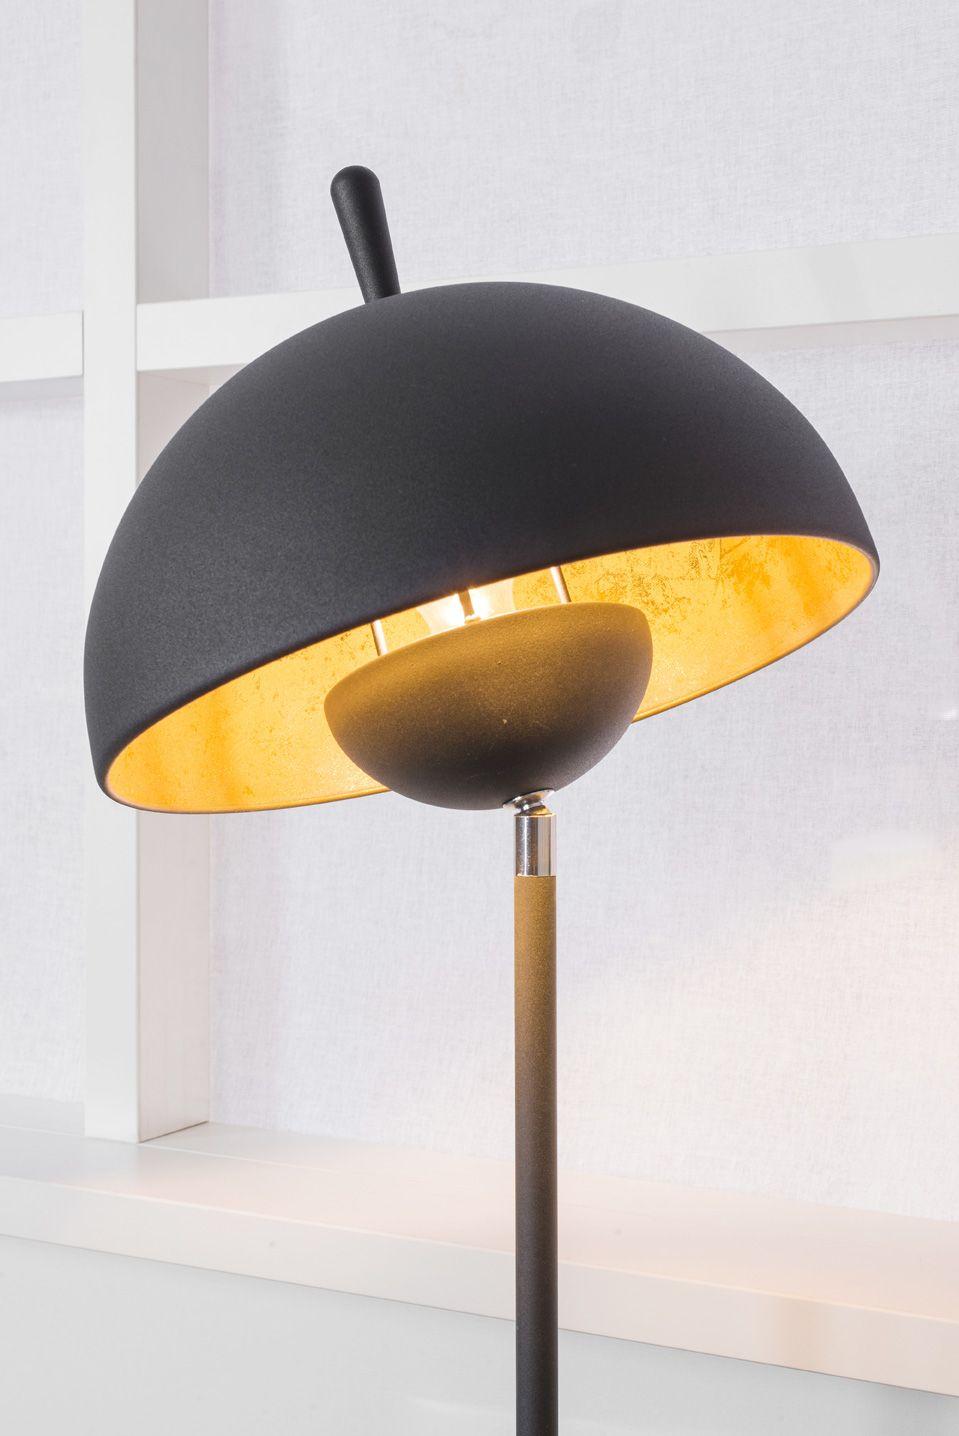 P80wnnokx Et Lampe À Jour Luminaire Poser Laurie Noire Lumière Abat Mat Ybf76gyv